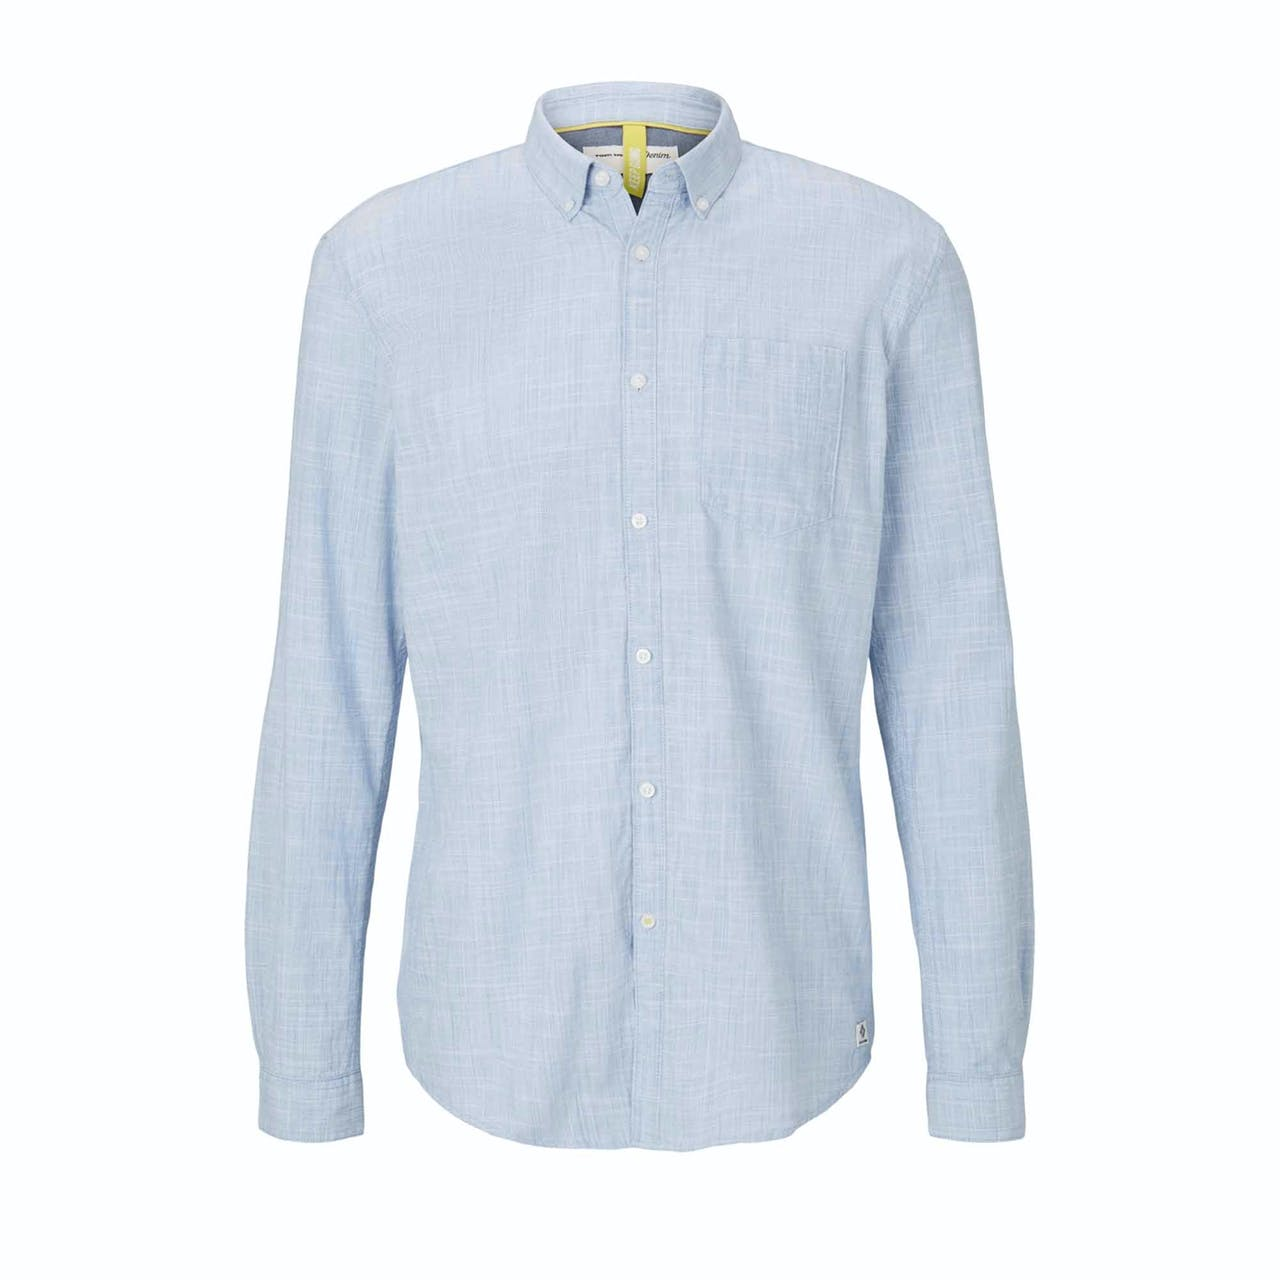 Hemd - Regular Fit - Button Down